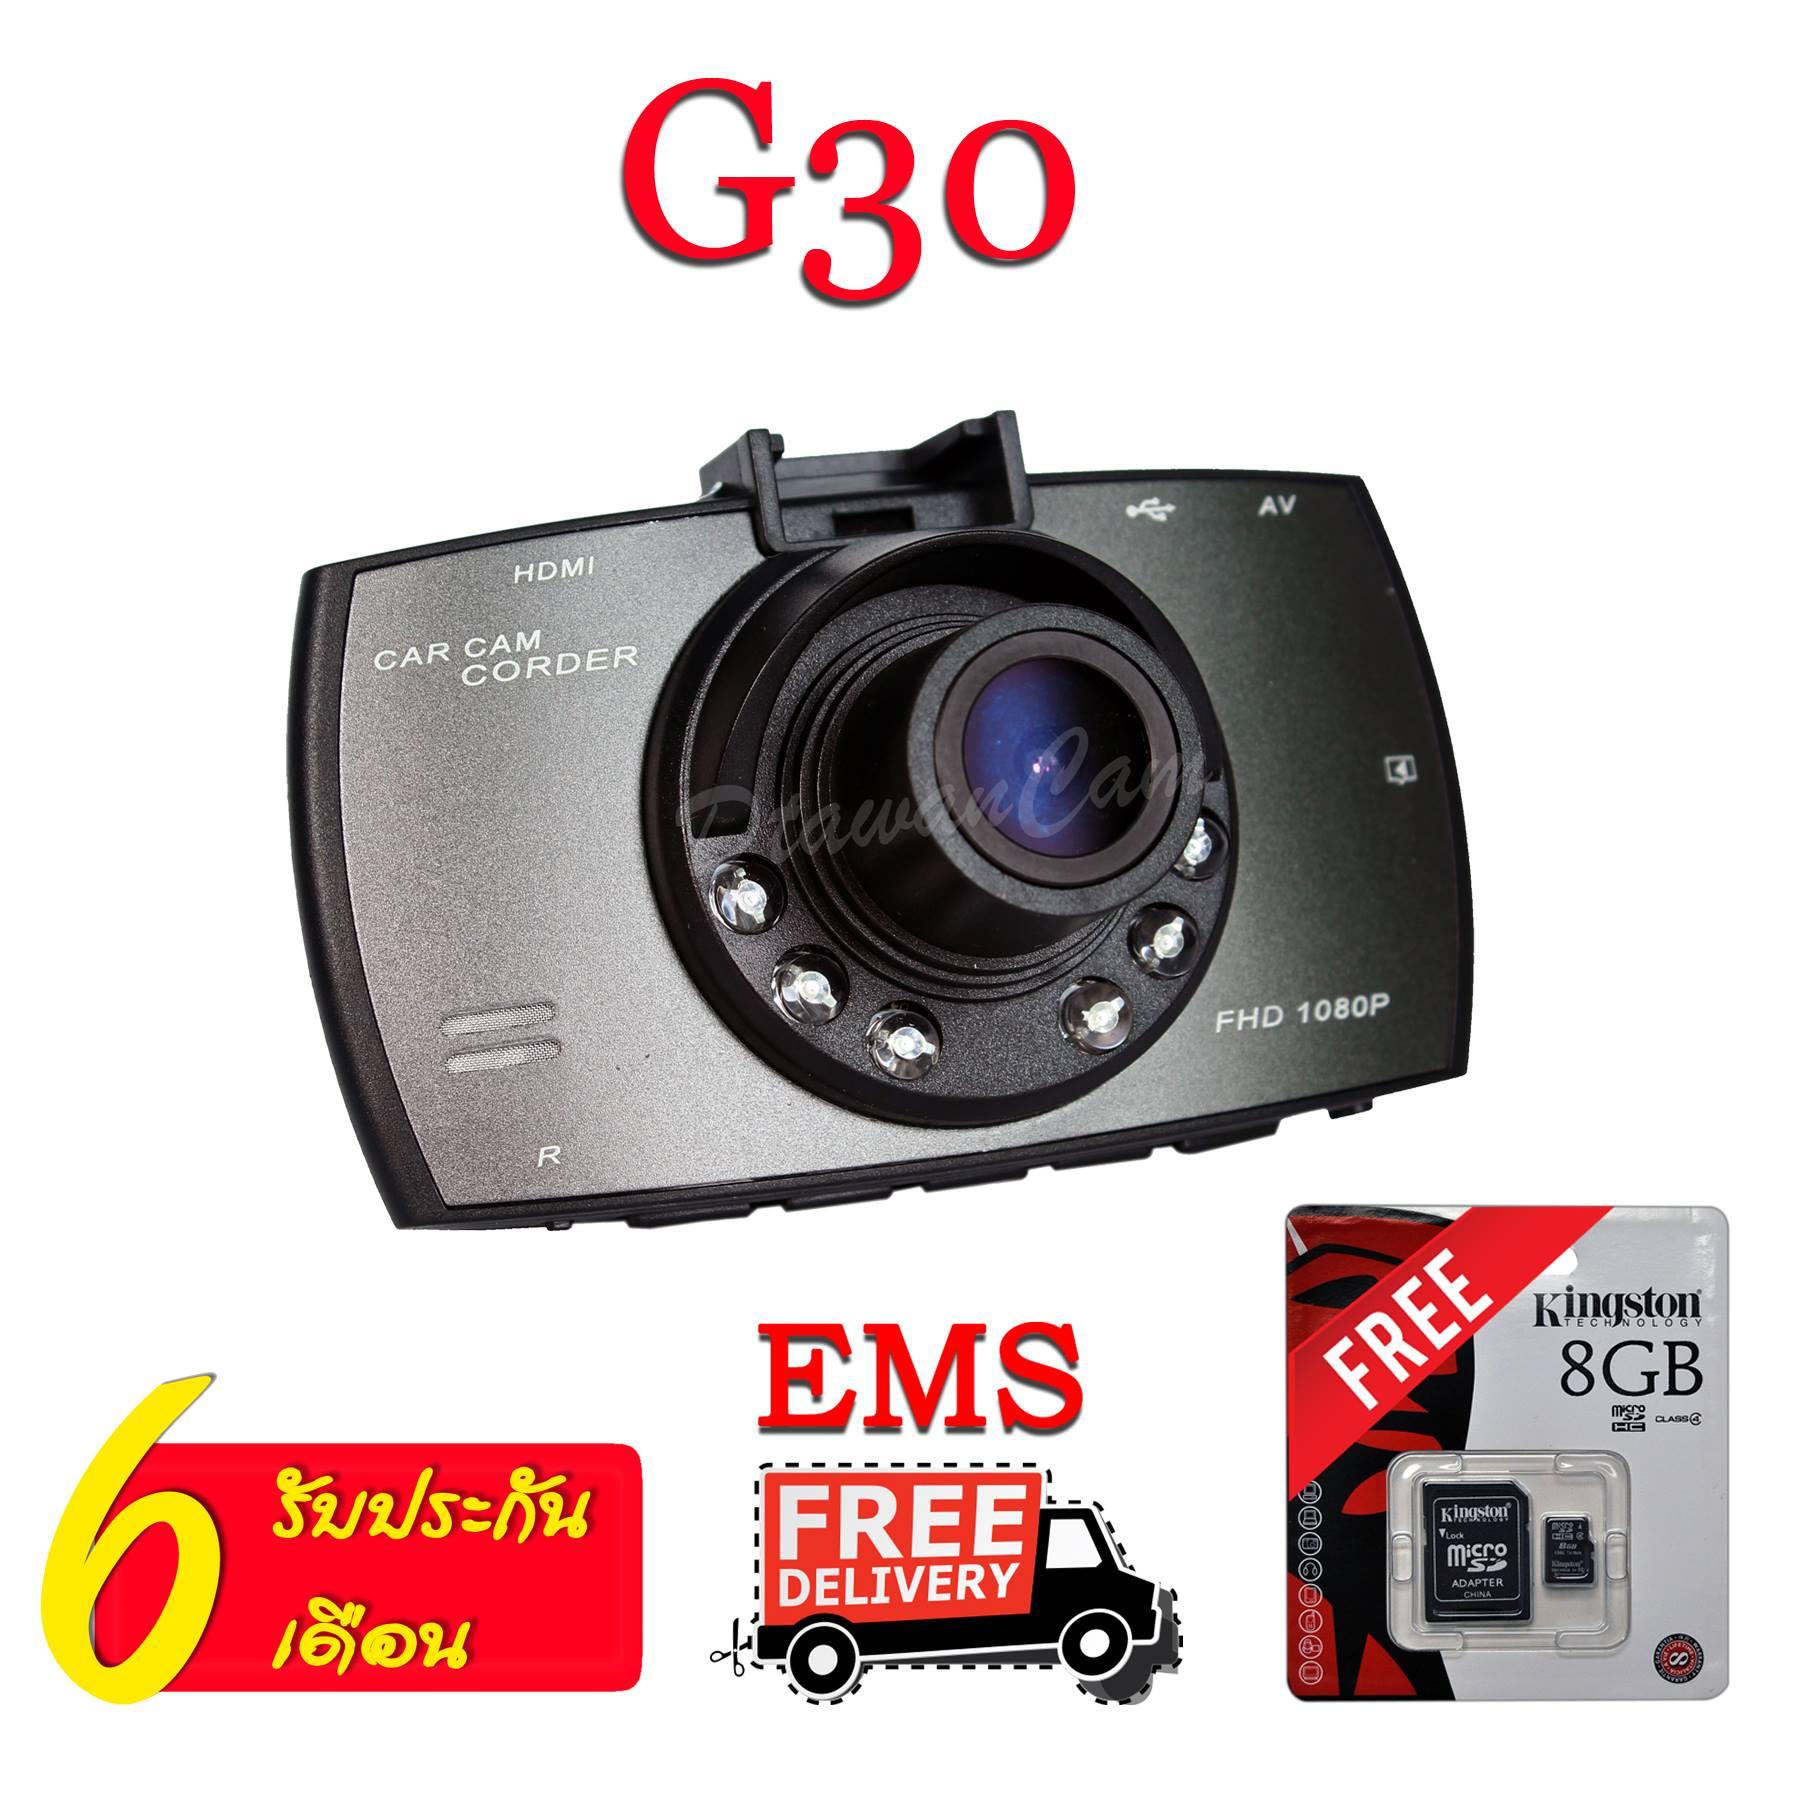 กล้องติดรถยนต์ G30 PRO 170องศา Novatek FullHD ในราคาคุ้มเกินคัุม